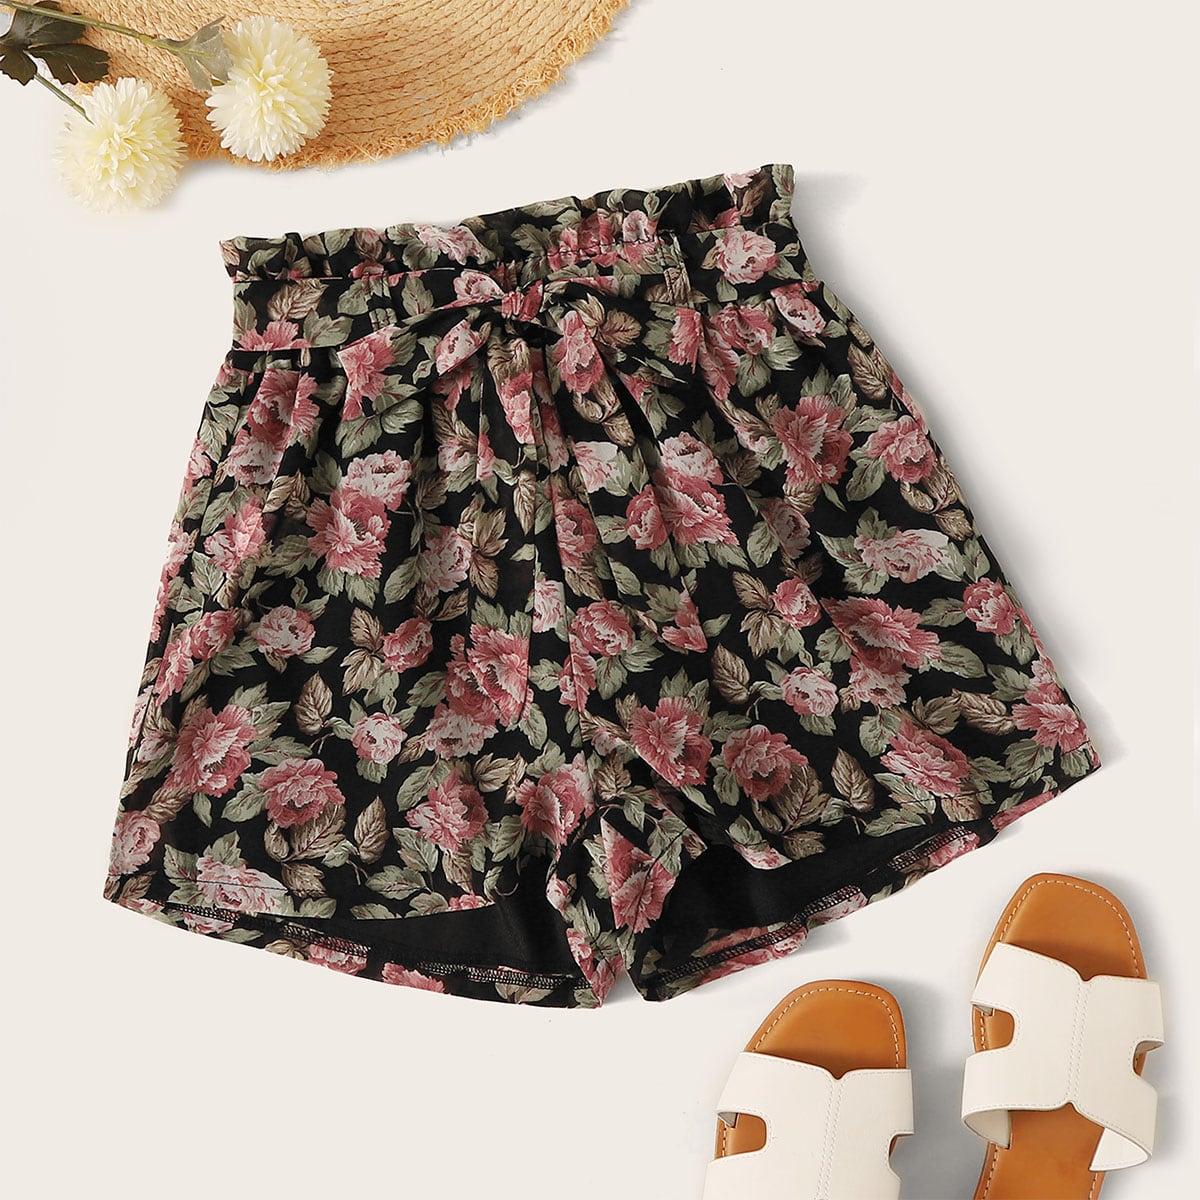 Shorts mit Blumen Muster, Papiertasche Taille und Gürtel